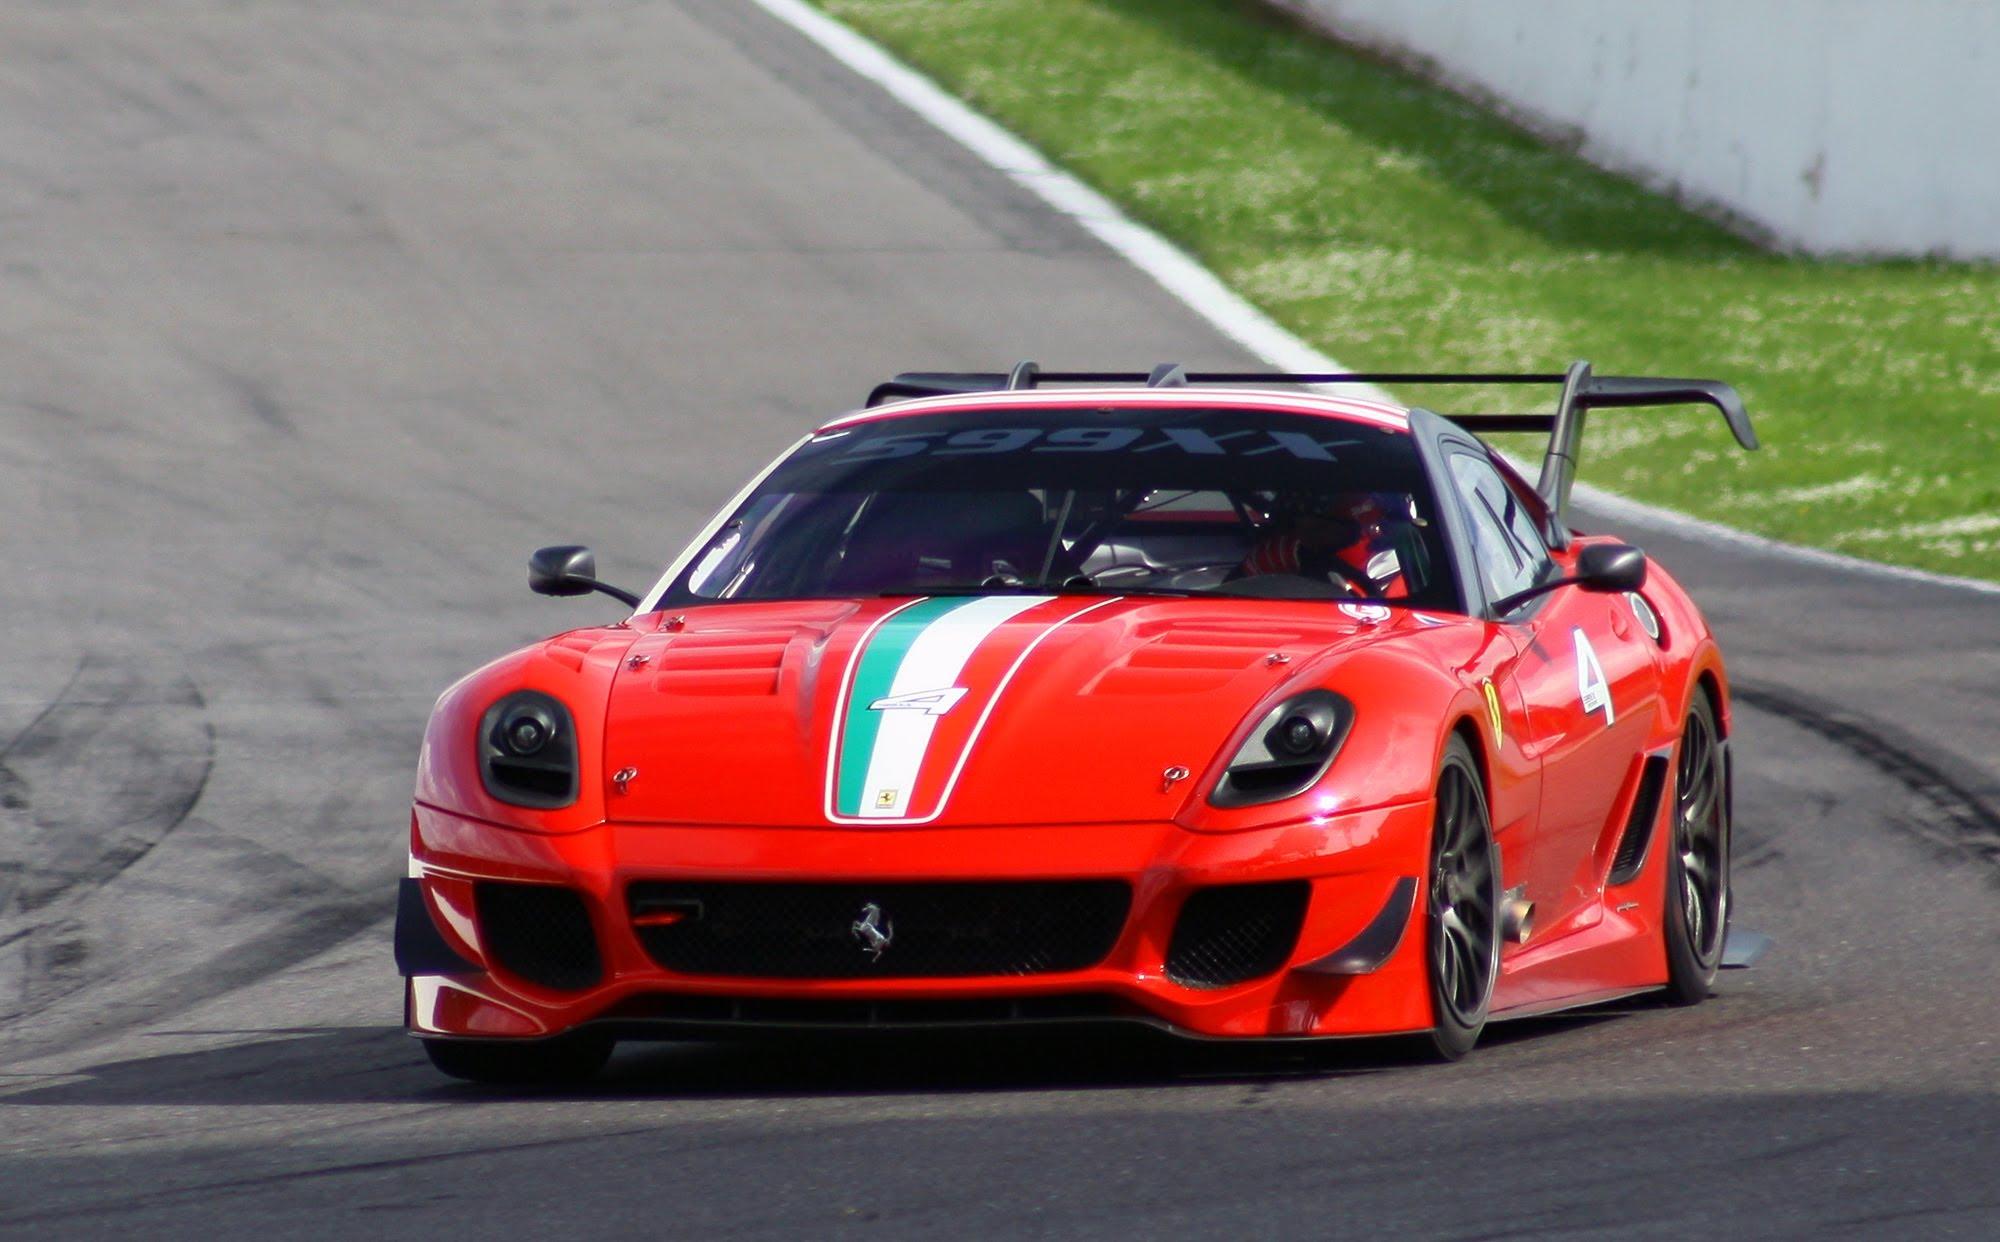 Ferrari 599xx wallpapers, Vehicles, HQ Ferrari 599xx ...